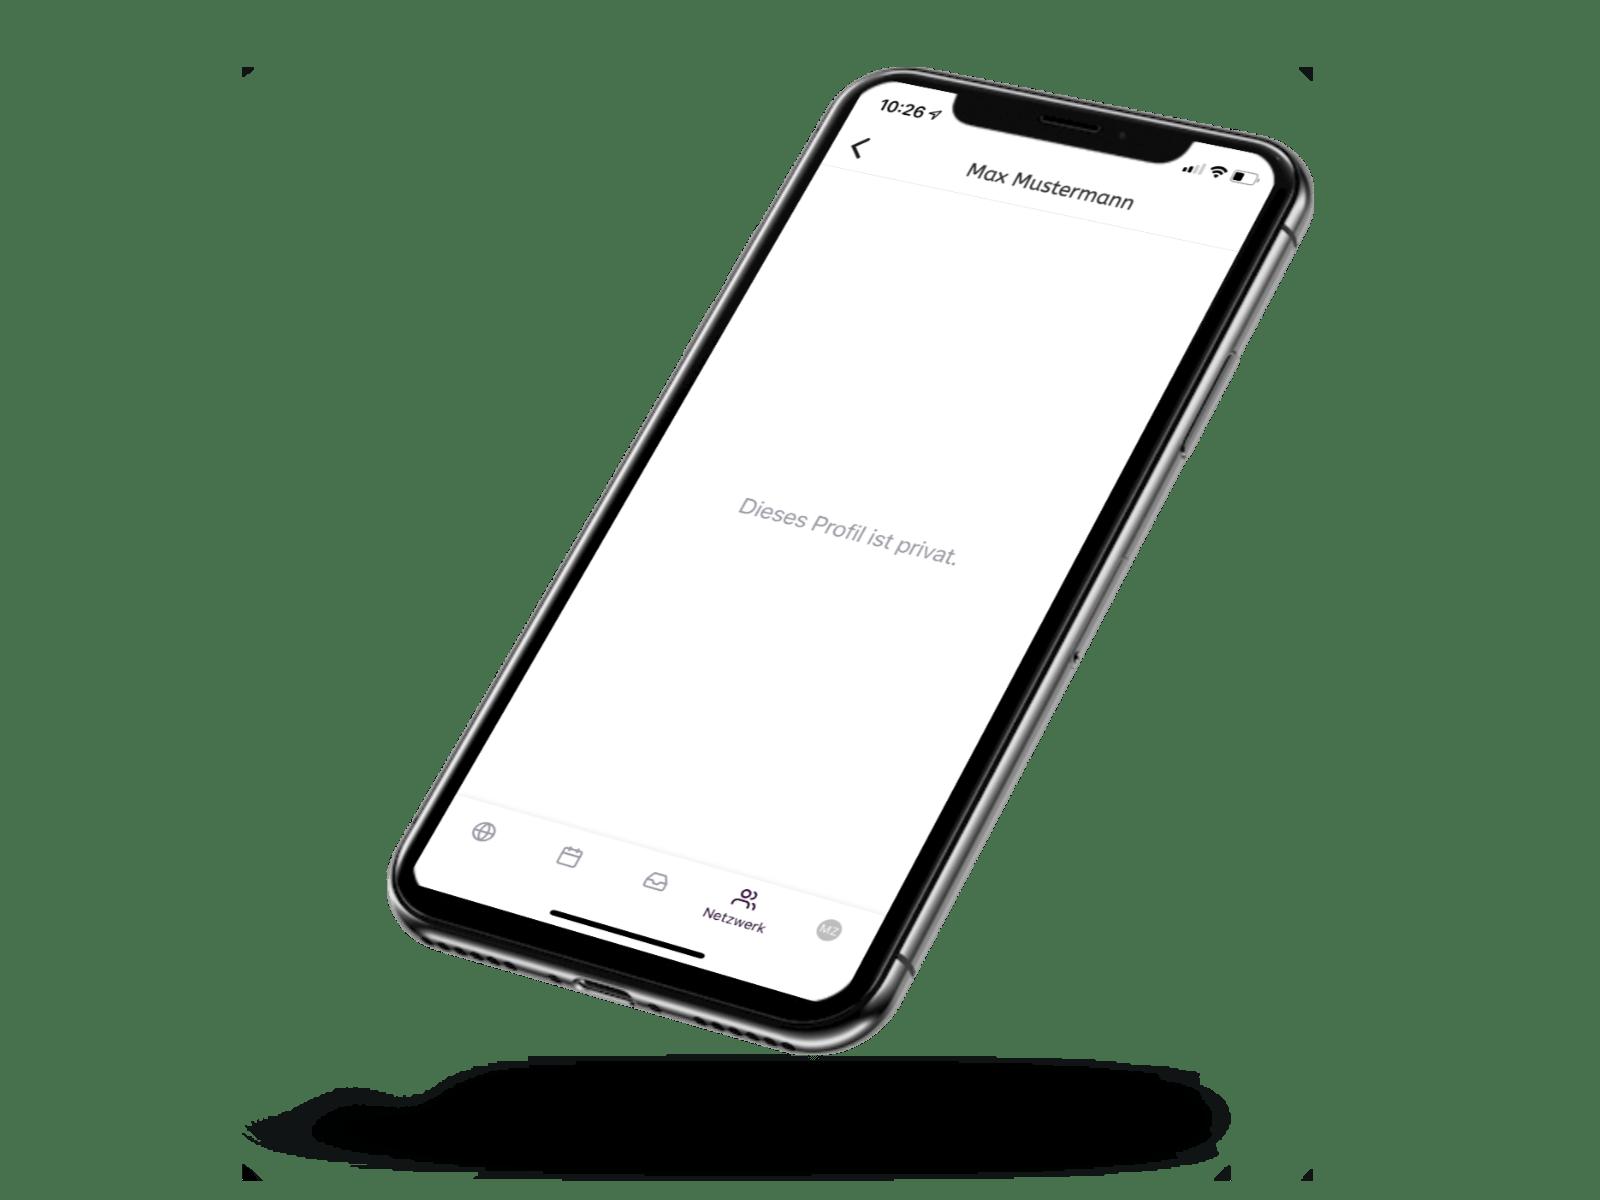 Ein Handy zeigt in der Vereinsapp ein privates Profil eines Mitglieds, wo man nichts erkennen kann.